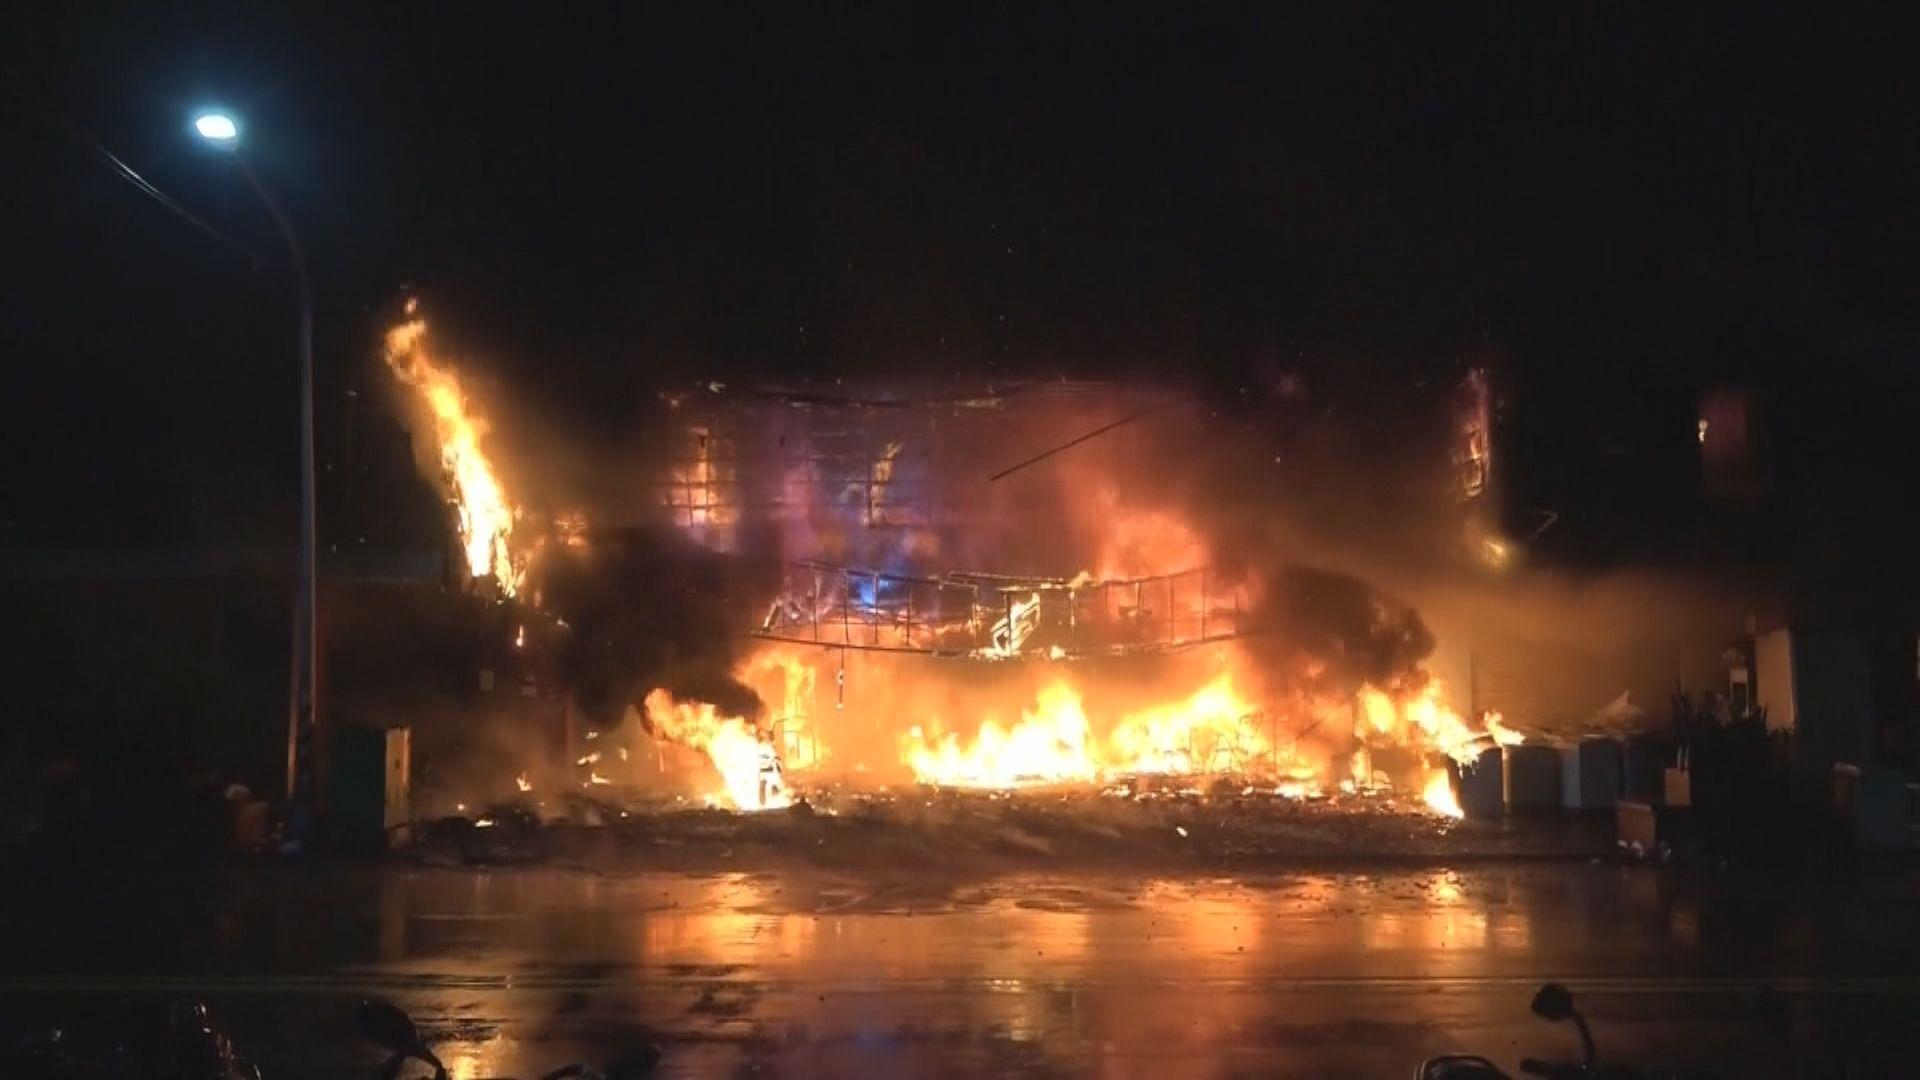 高雄樓宇大火逾60人送院 多人無呼吸心跳